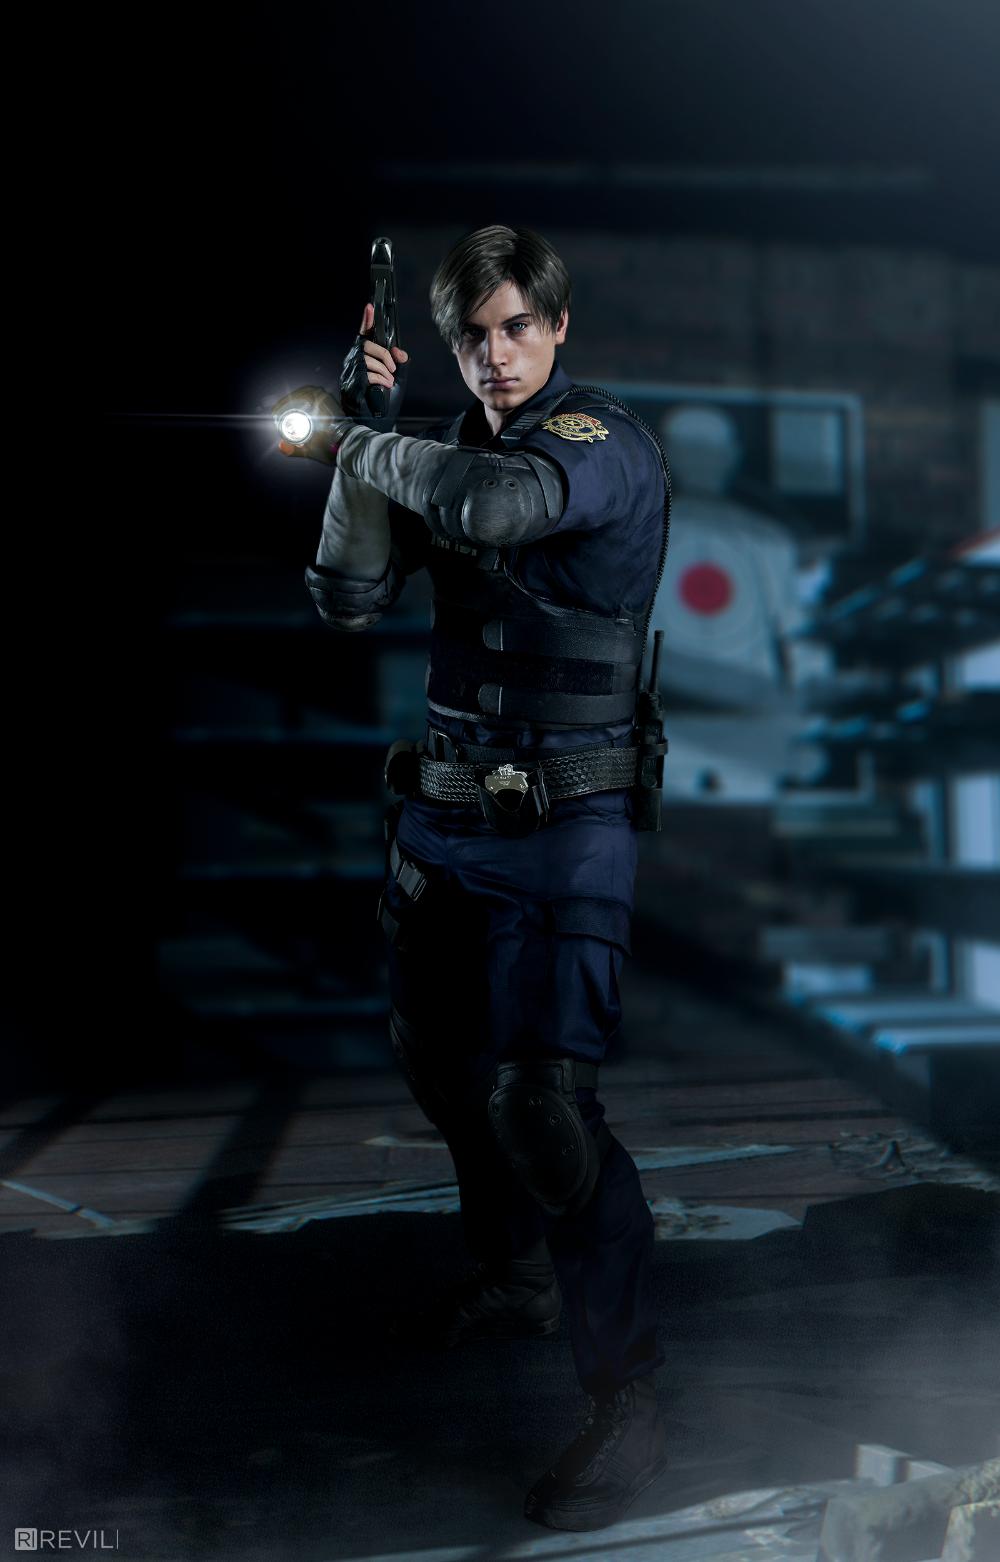 Resident Evil 2 Leon Wallpaper Hd Busqueda De Google Resident Evil Leon Resident Evil Anime Resident Evil